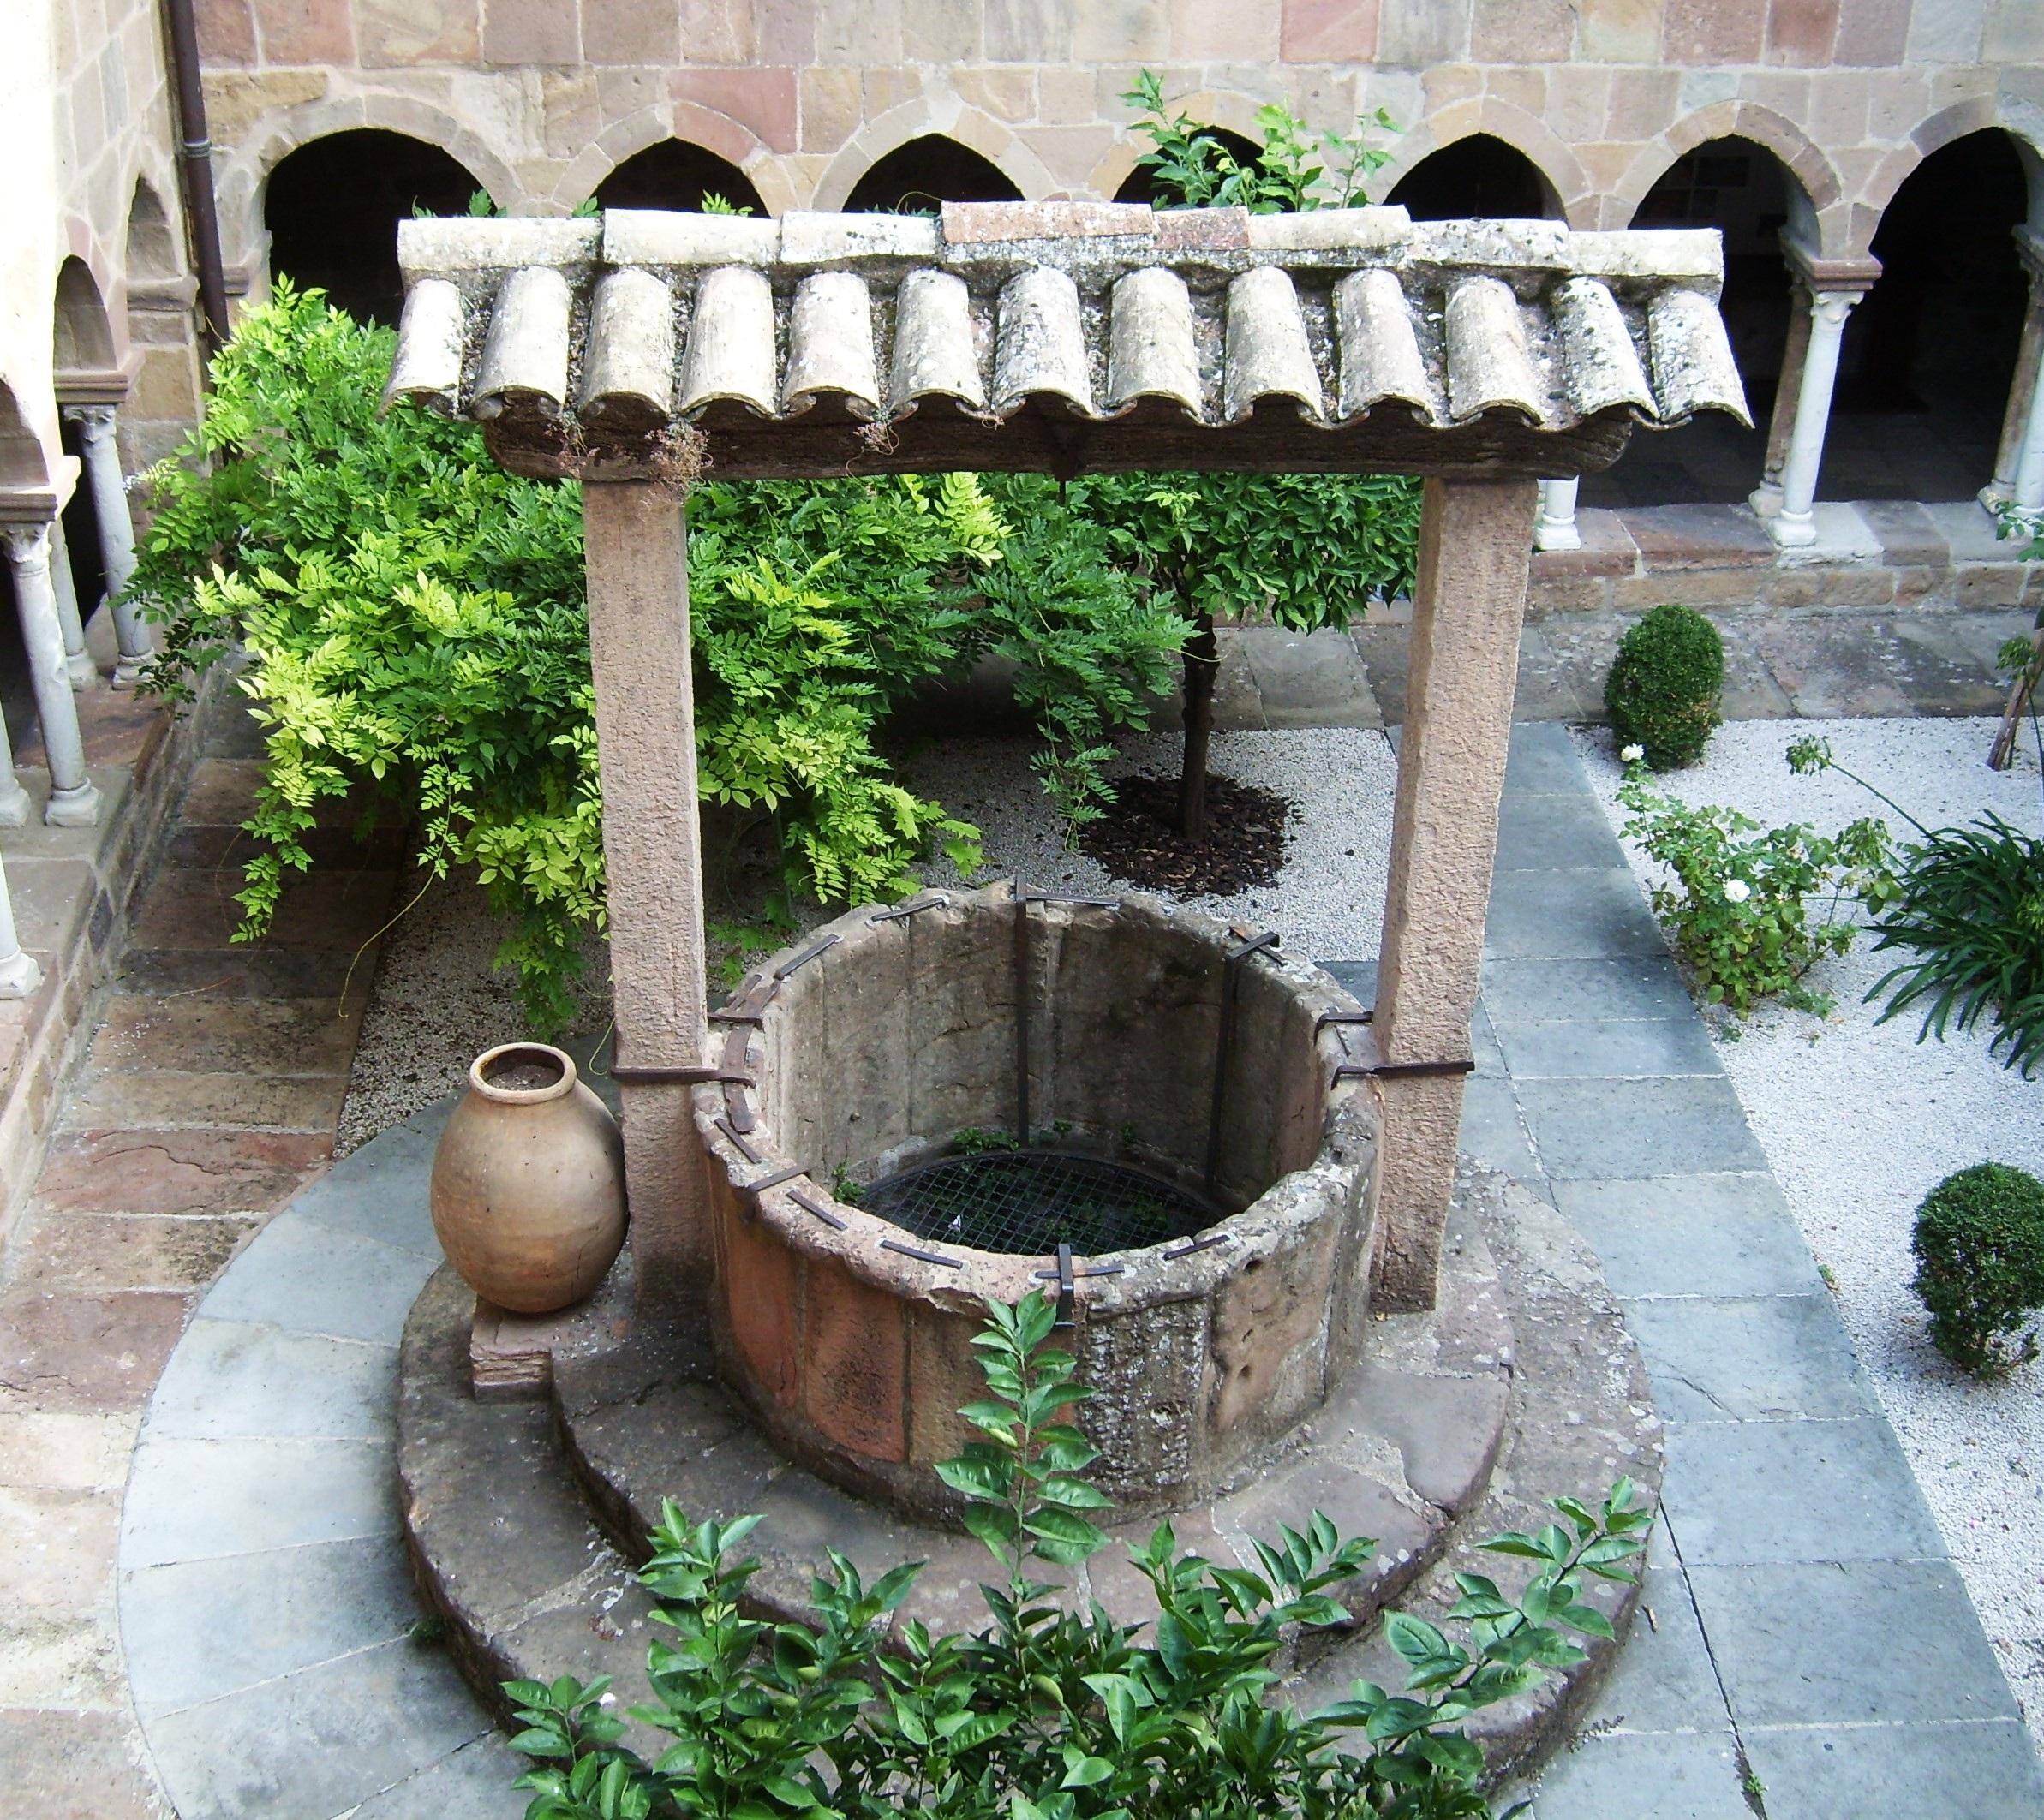 francia patio interior jardn patio bien fuente claustro fuente de agua bien de piedra tarro antiguos